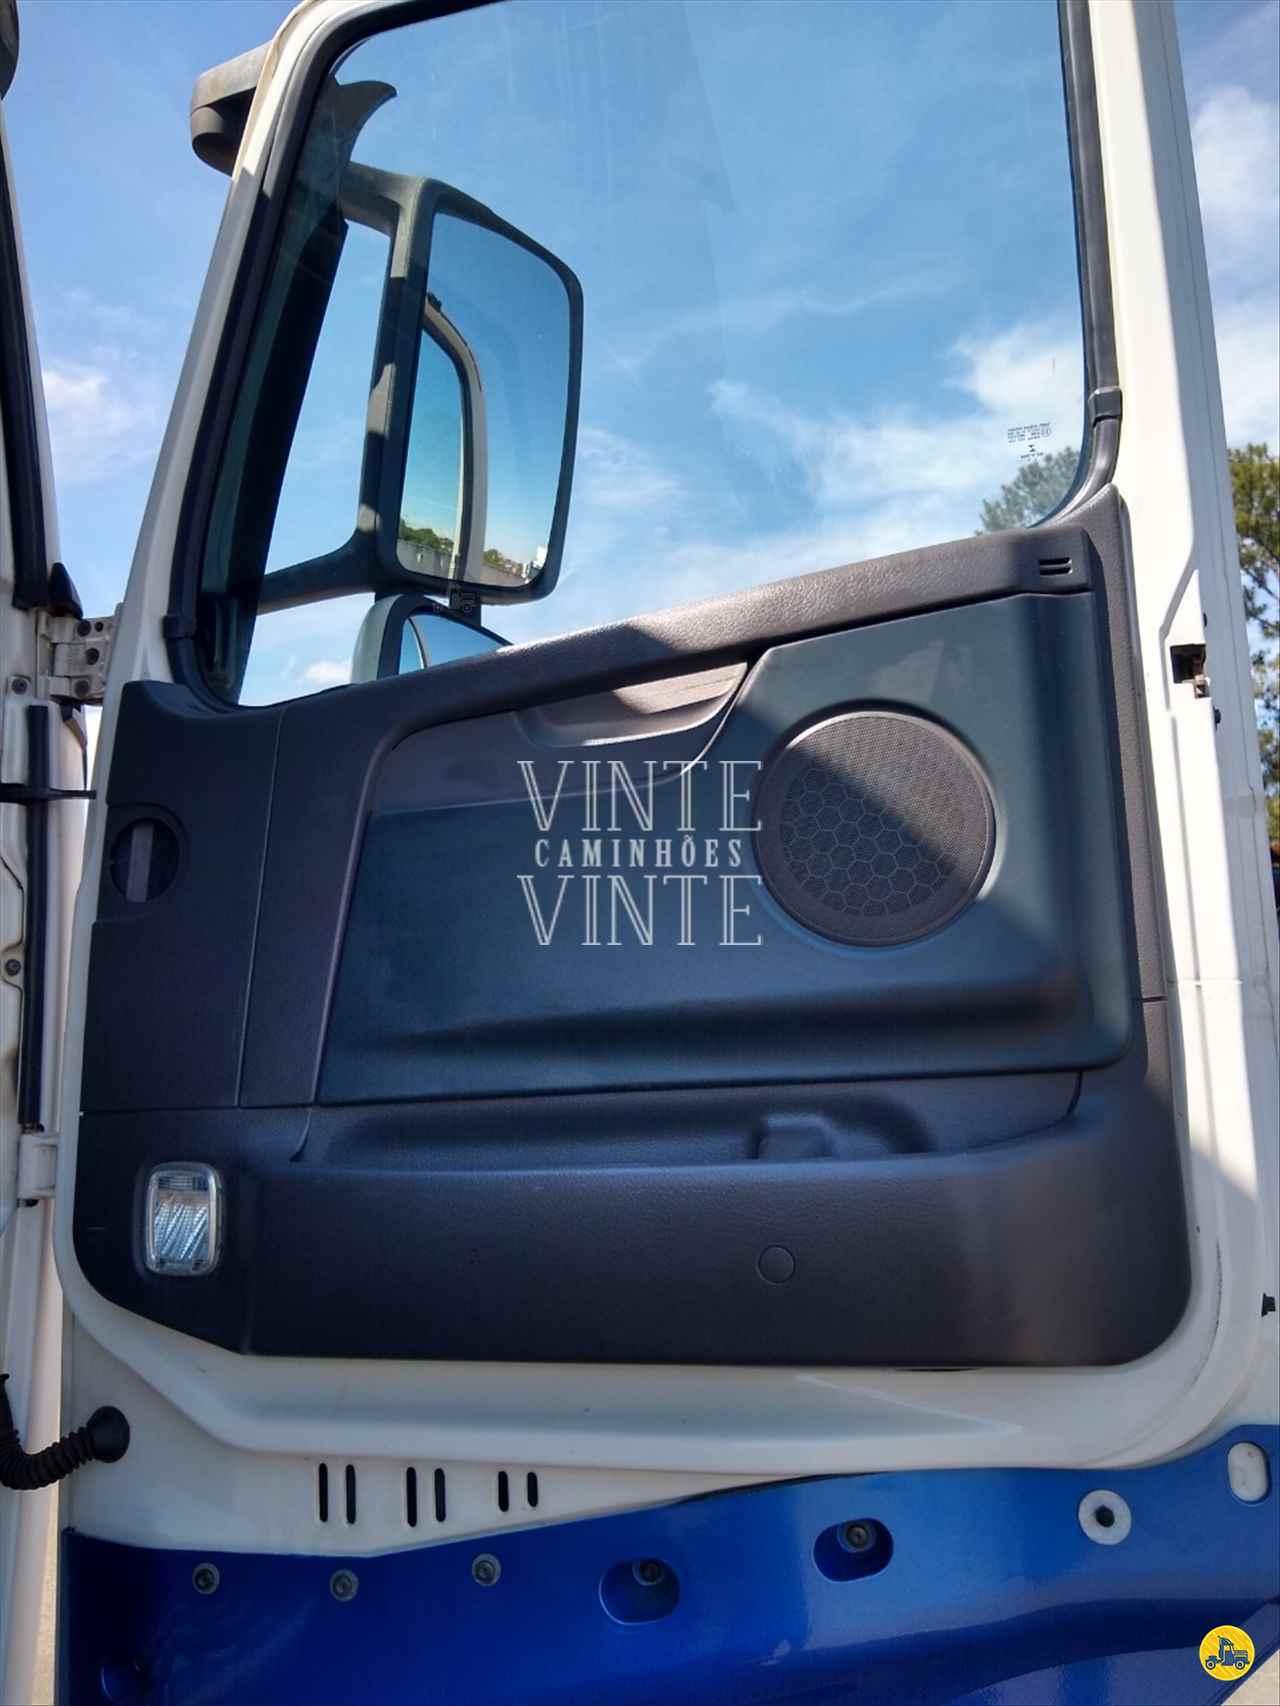 CAMINHAO VOLVO VOLVO FH 420 Cavalo Mecânico Truck 6x2 Vinte-Vinte Caminhões SANTO ANDRE SÃO PAULO SP